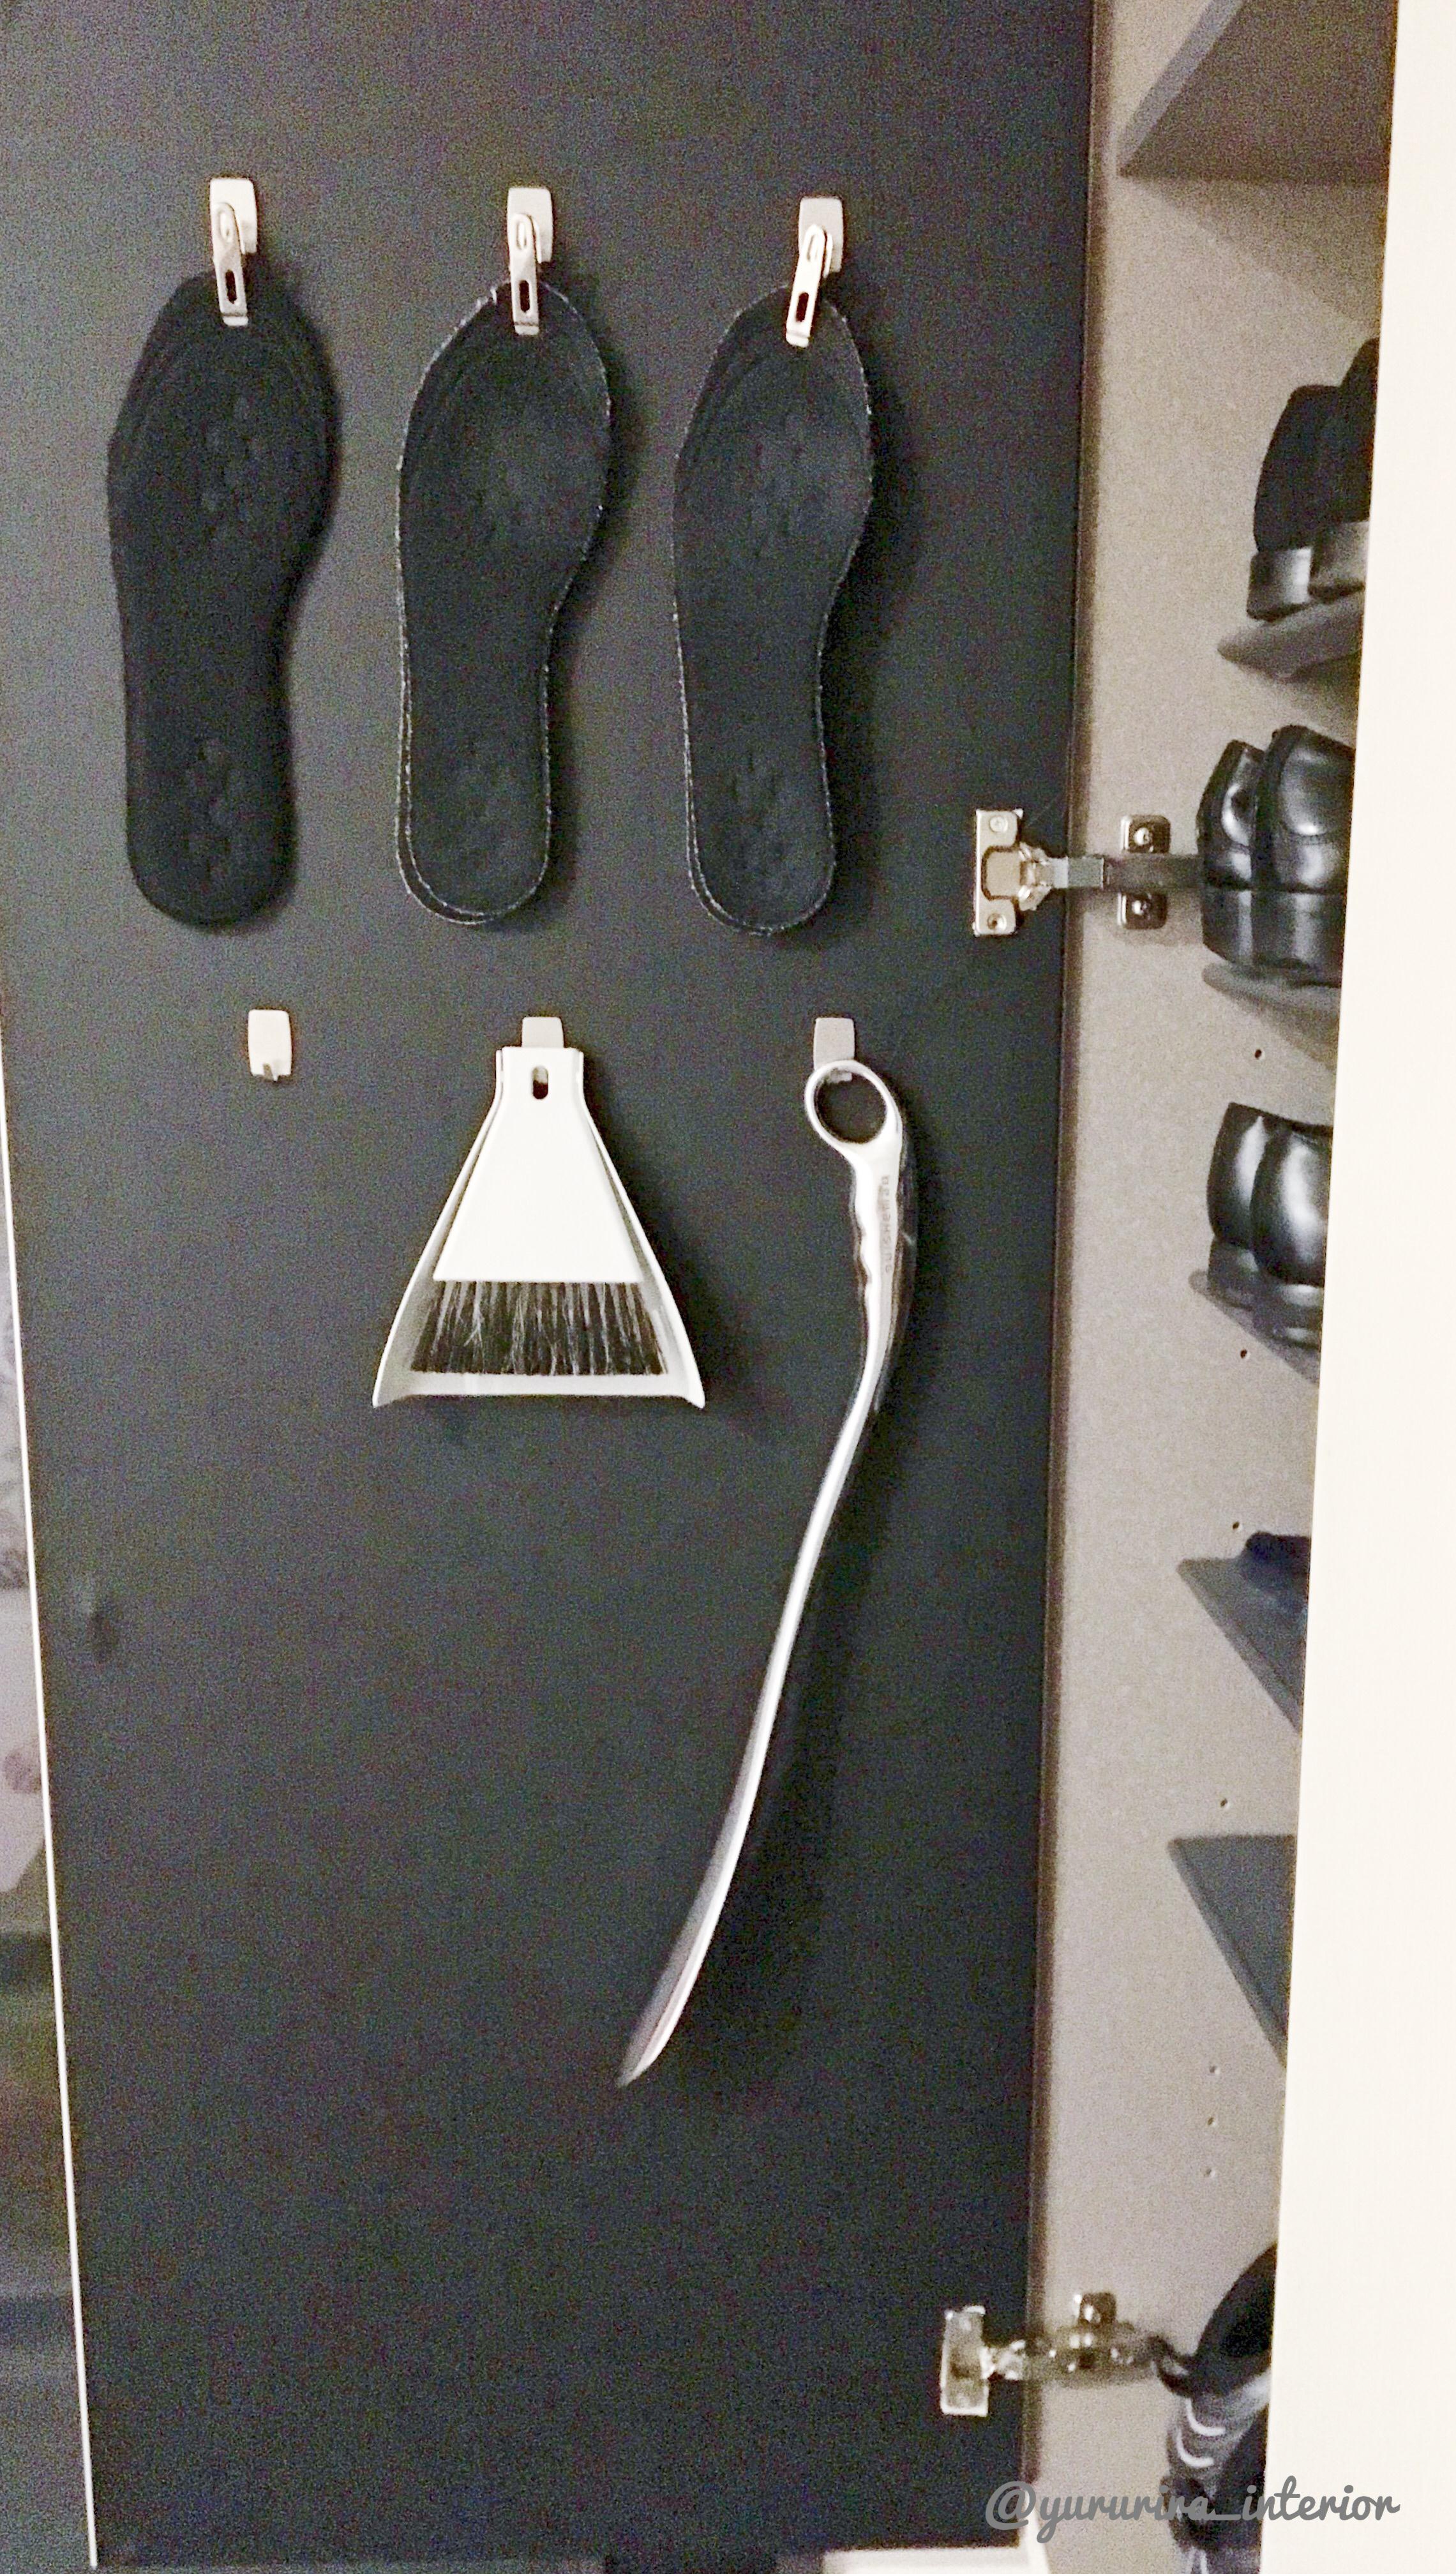 ダイソーアイテムでプチDIY☆下駄箱の扉内側を活用した収納♪